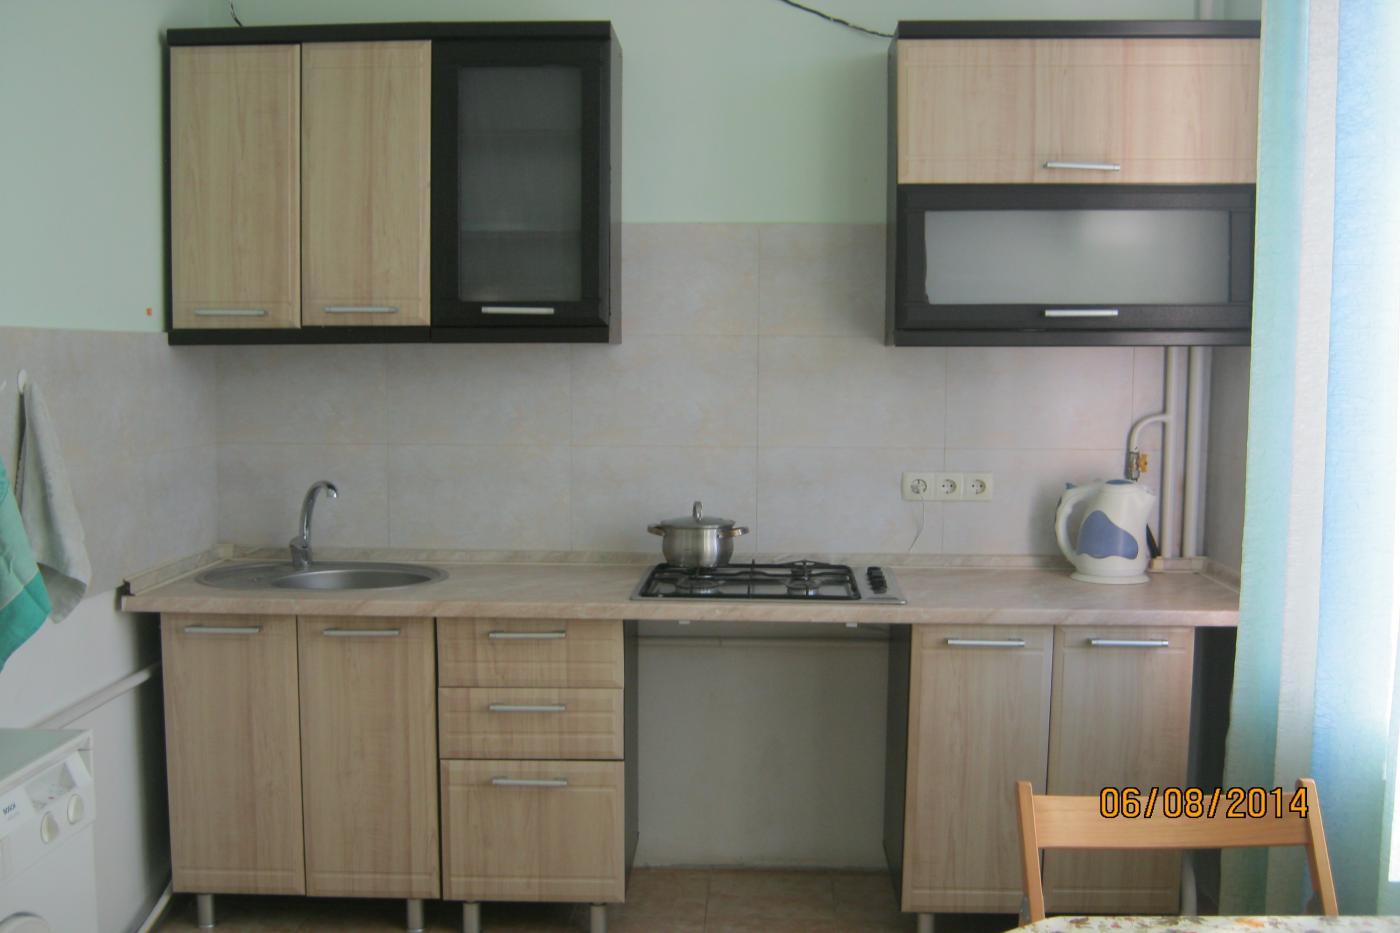 2-комнатная квартира посуточно (вариант № 1893), ул. Античный проспект, фото № 5